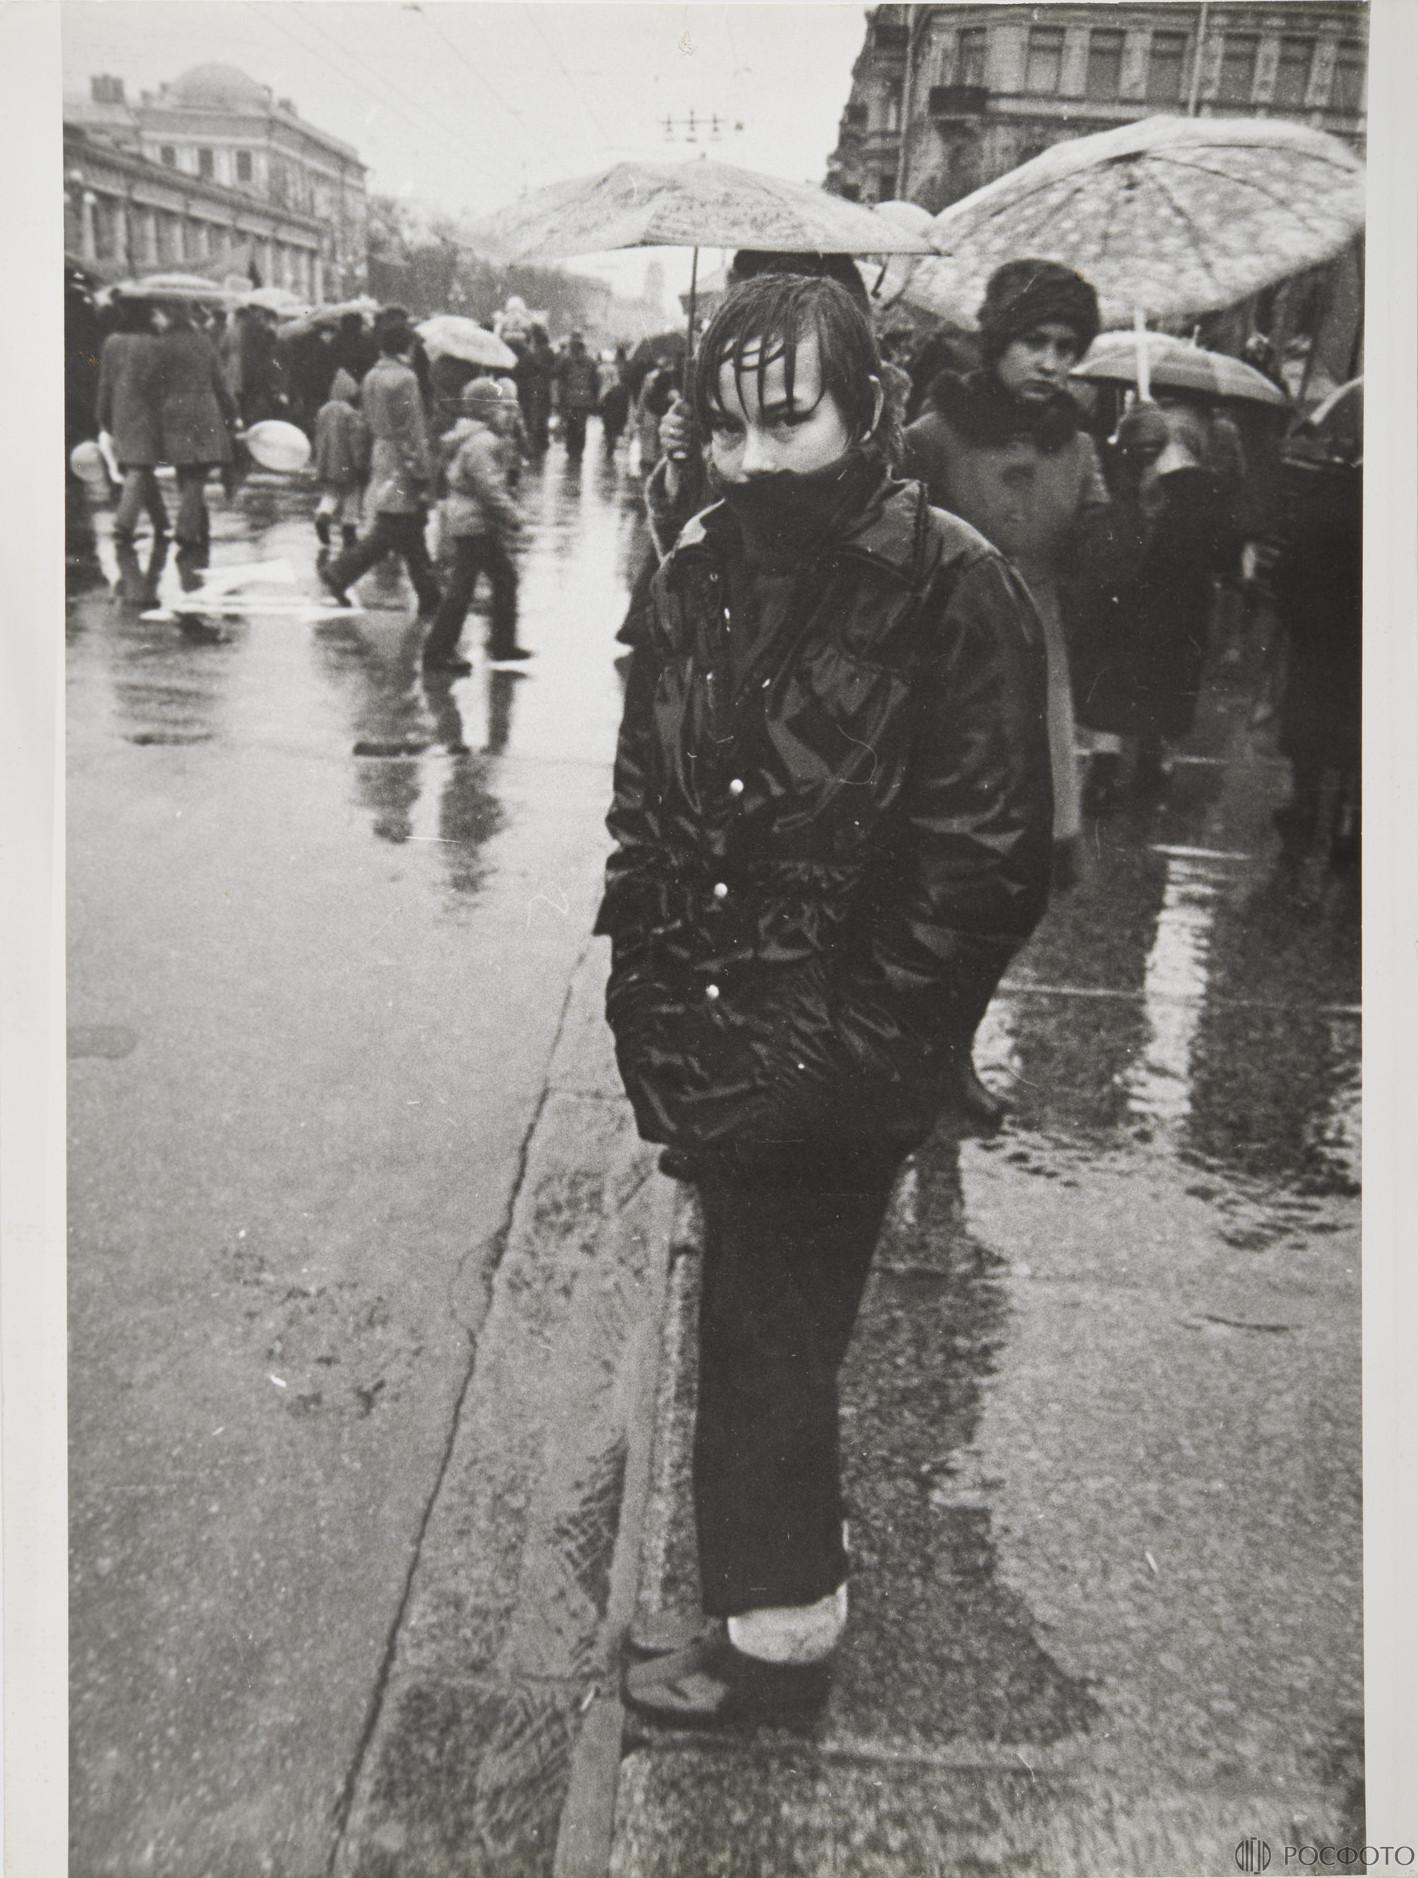 1970-е. Из цикла «Демонстрация».